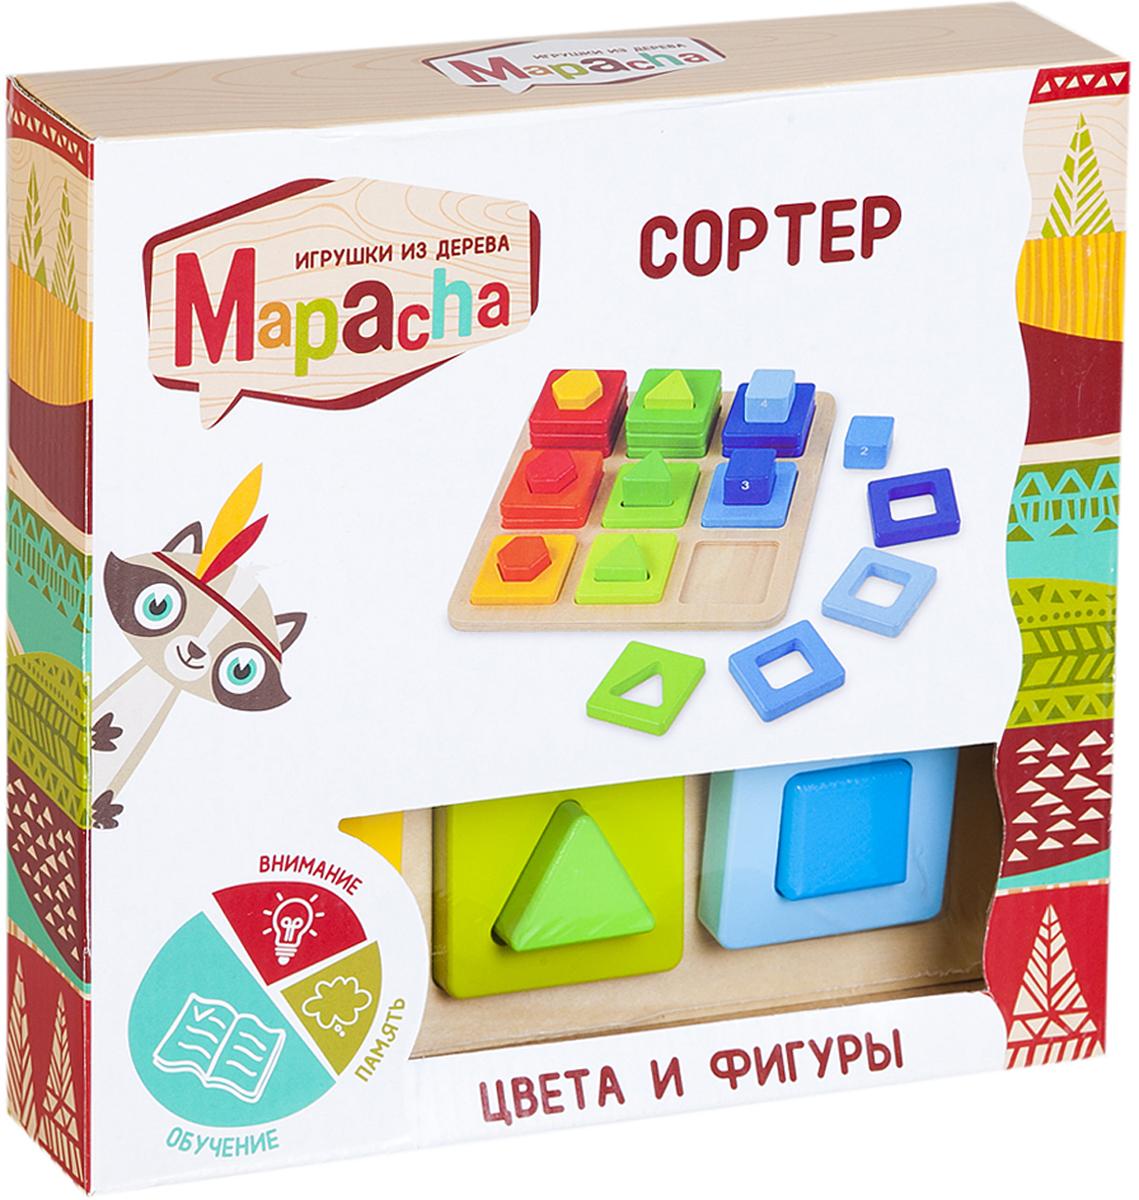 Mapacha Обучающая игра Сортер Цвета и фигуры робинс настольная игра мой первый развивающий набор сортер формы и цвета